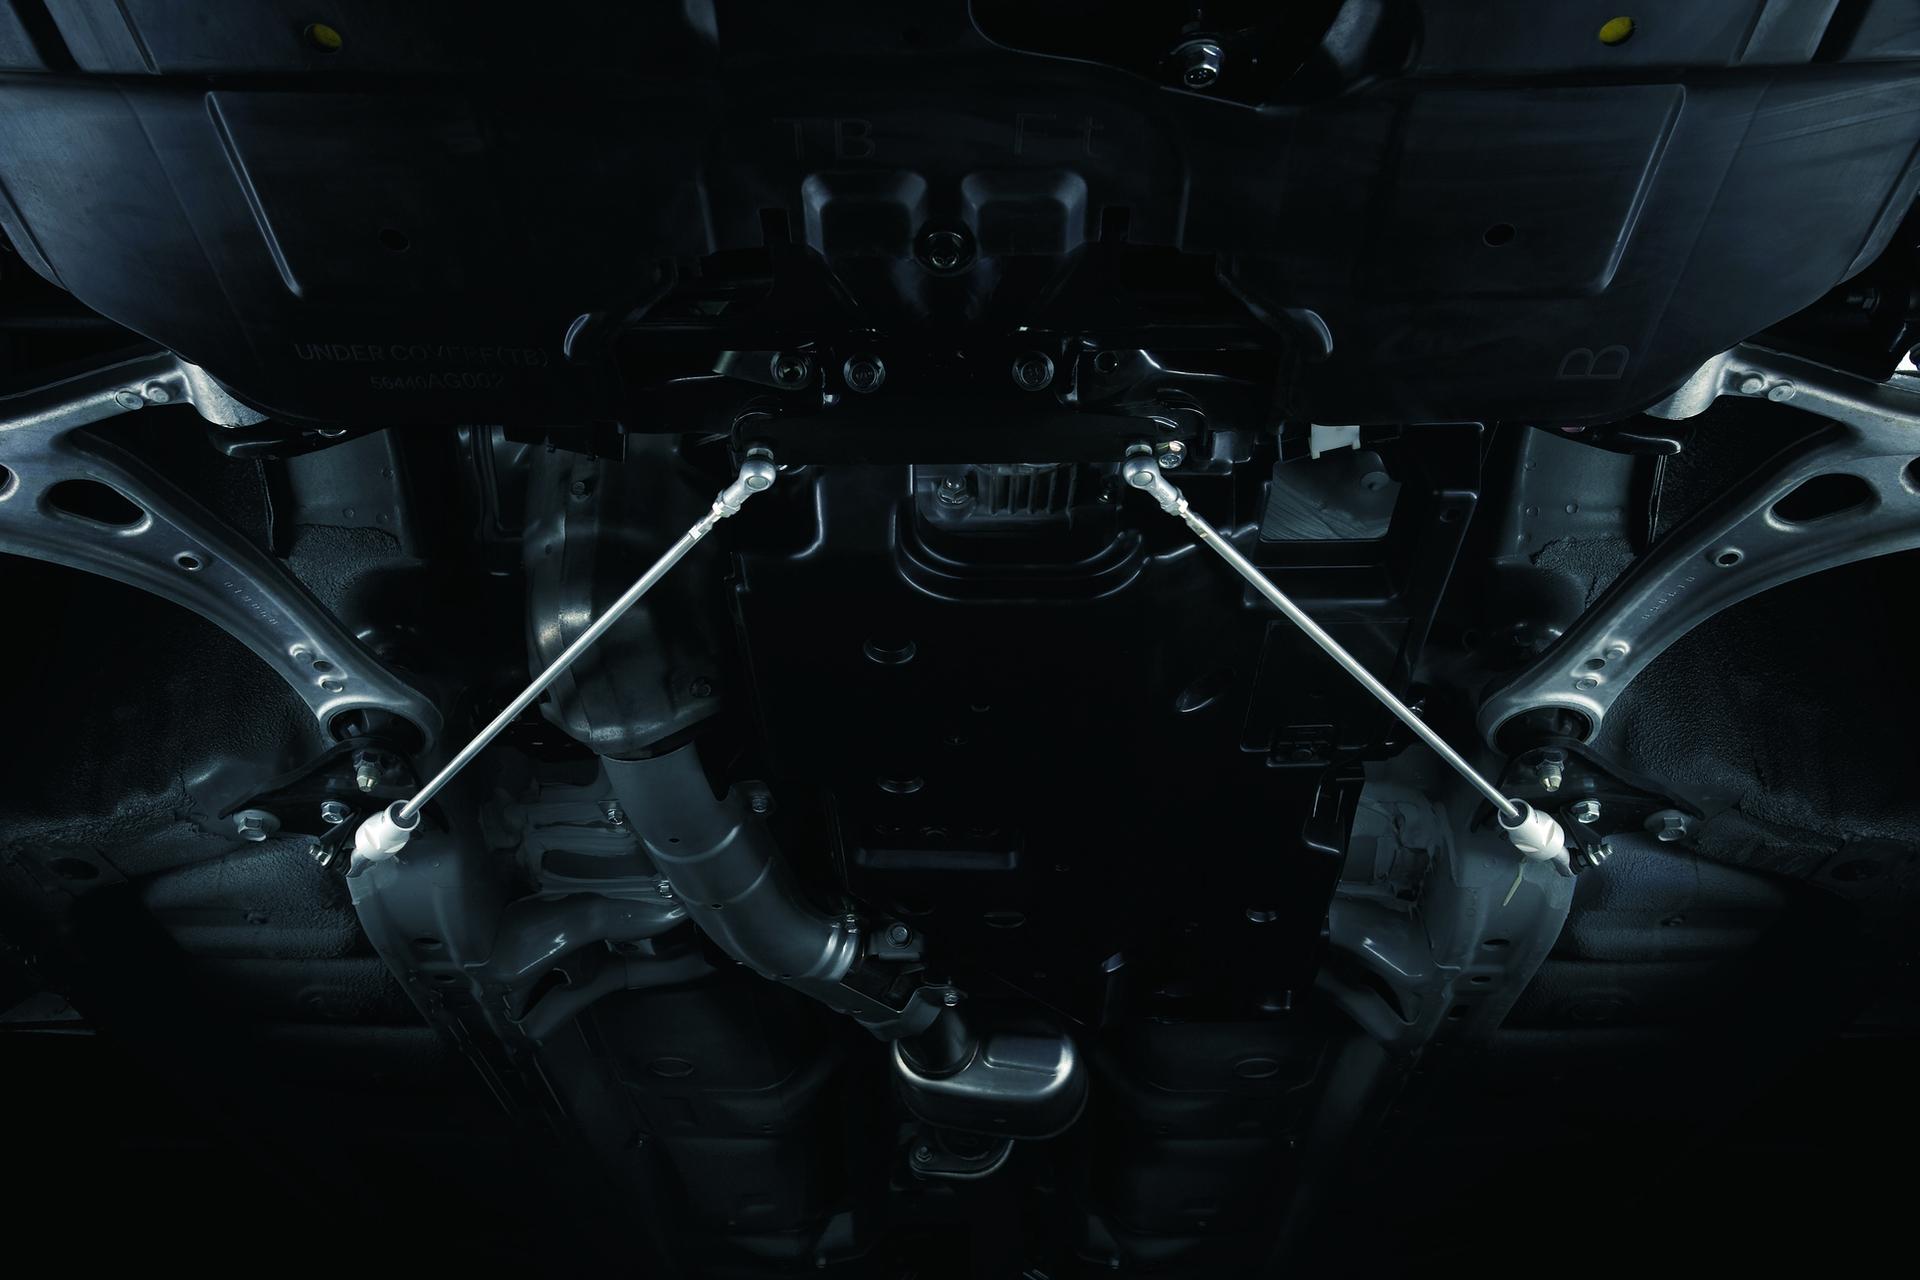 Subaru_Impreza_STI_S206_0029